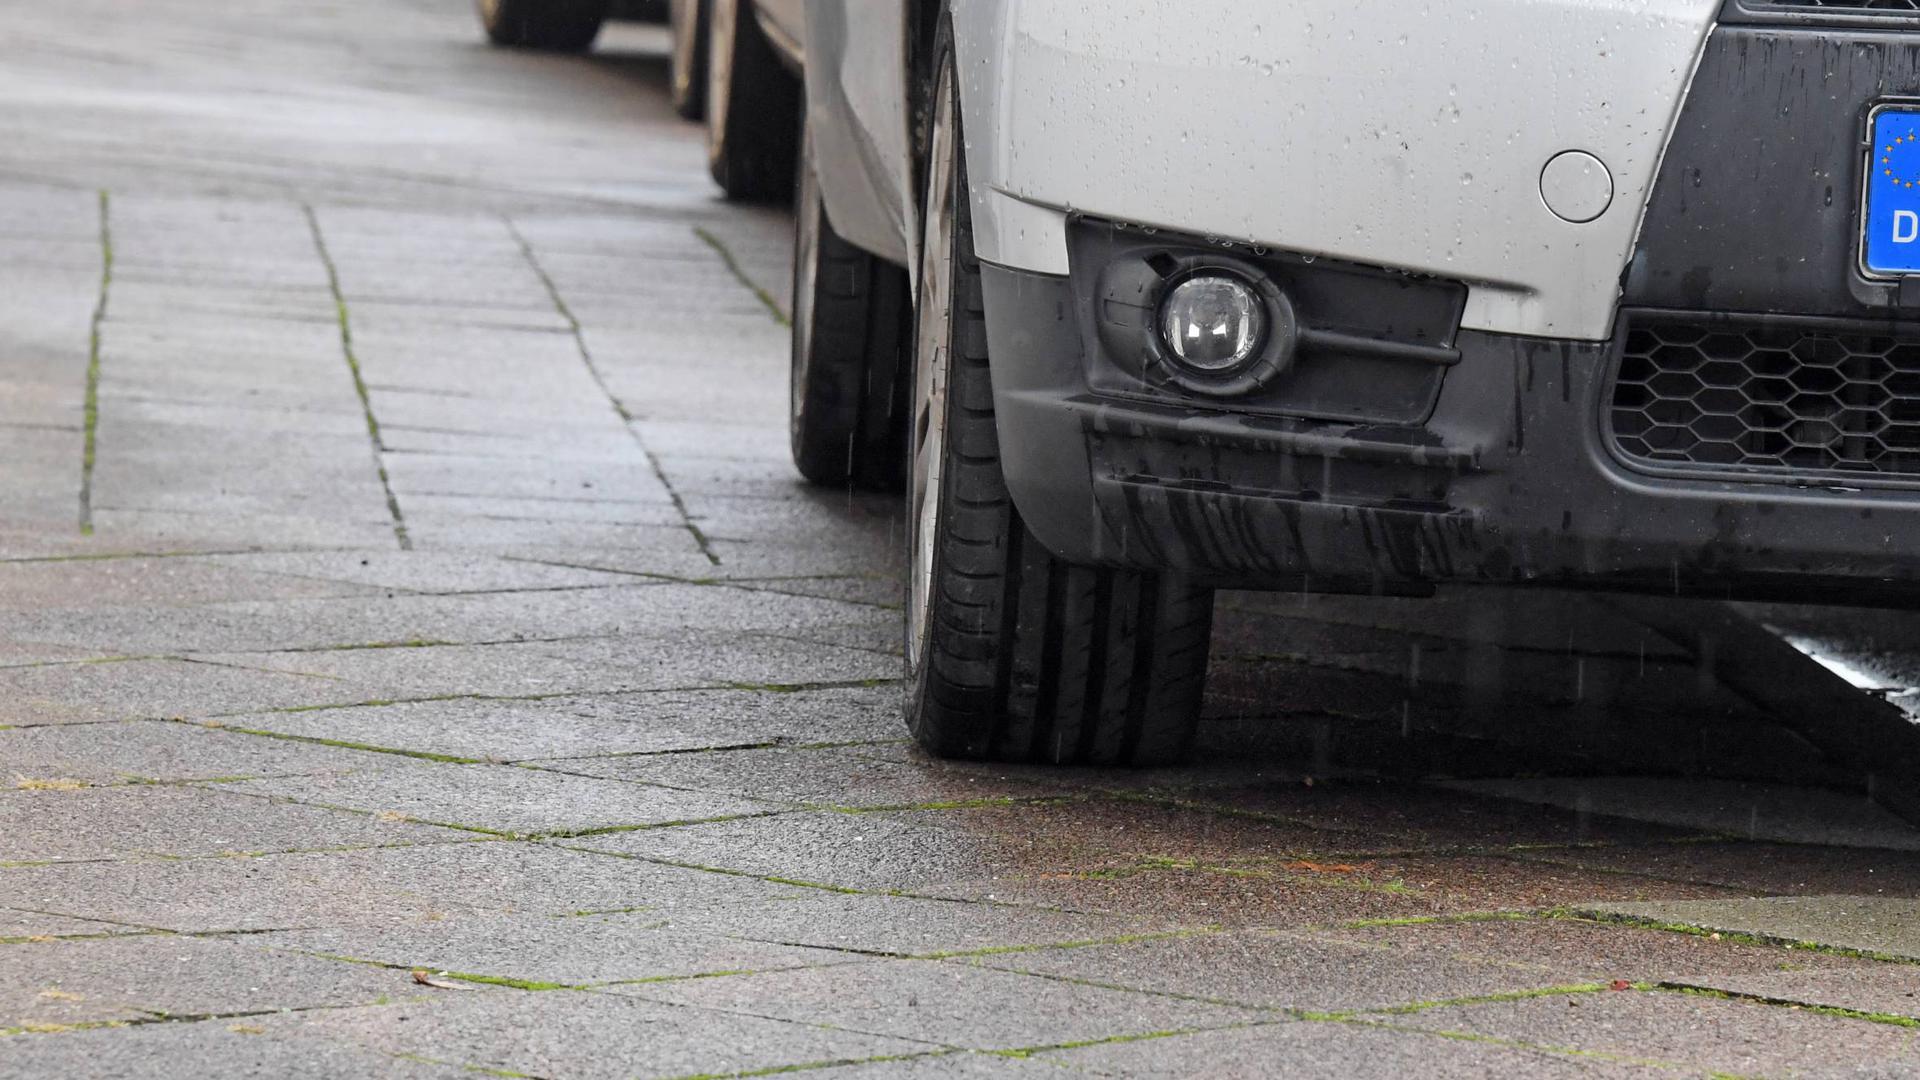 Wenn Autos wie hier in Karlsruhe auf dem Gehweg parken, bleibt nicht immer genug Platz für Passanten. Auch Bruchsal will daher nun beginnen, kostenpflichtige Verwarnungen auszustellen.